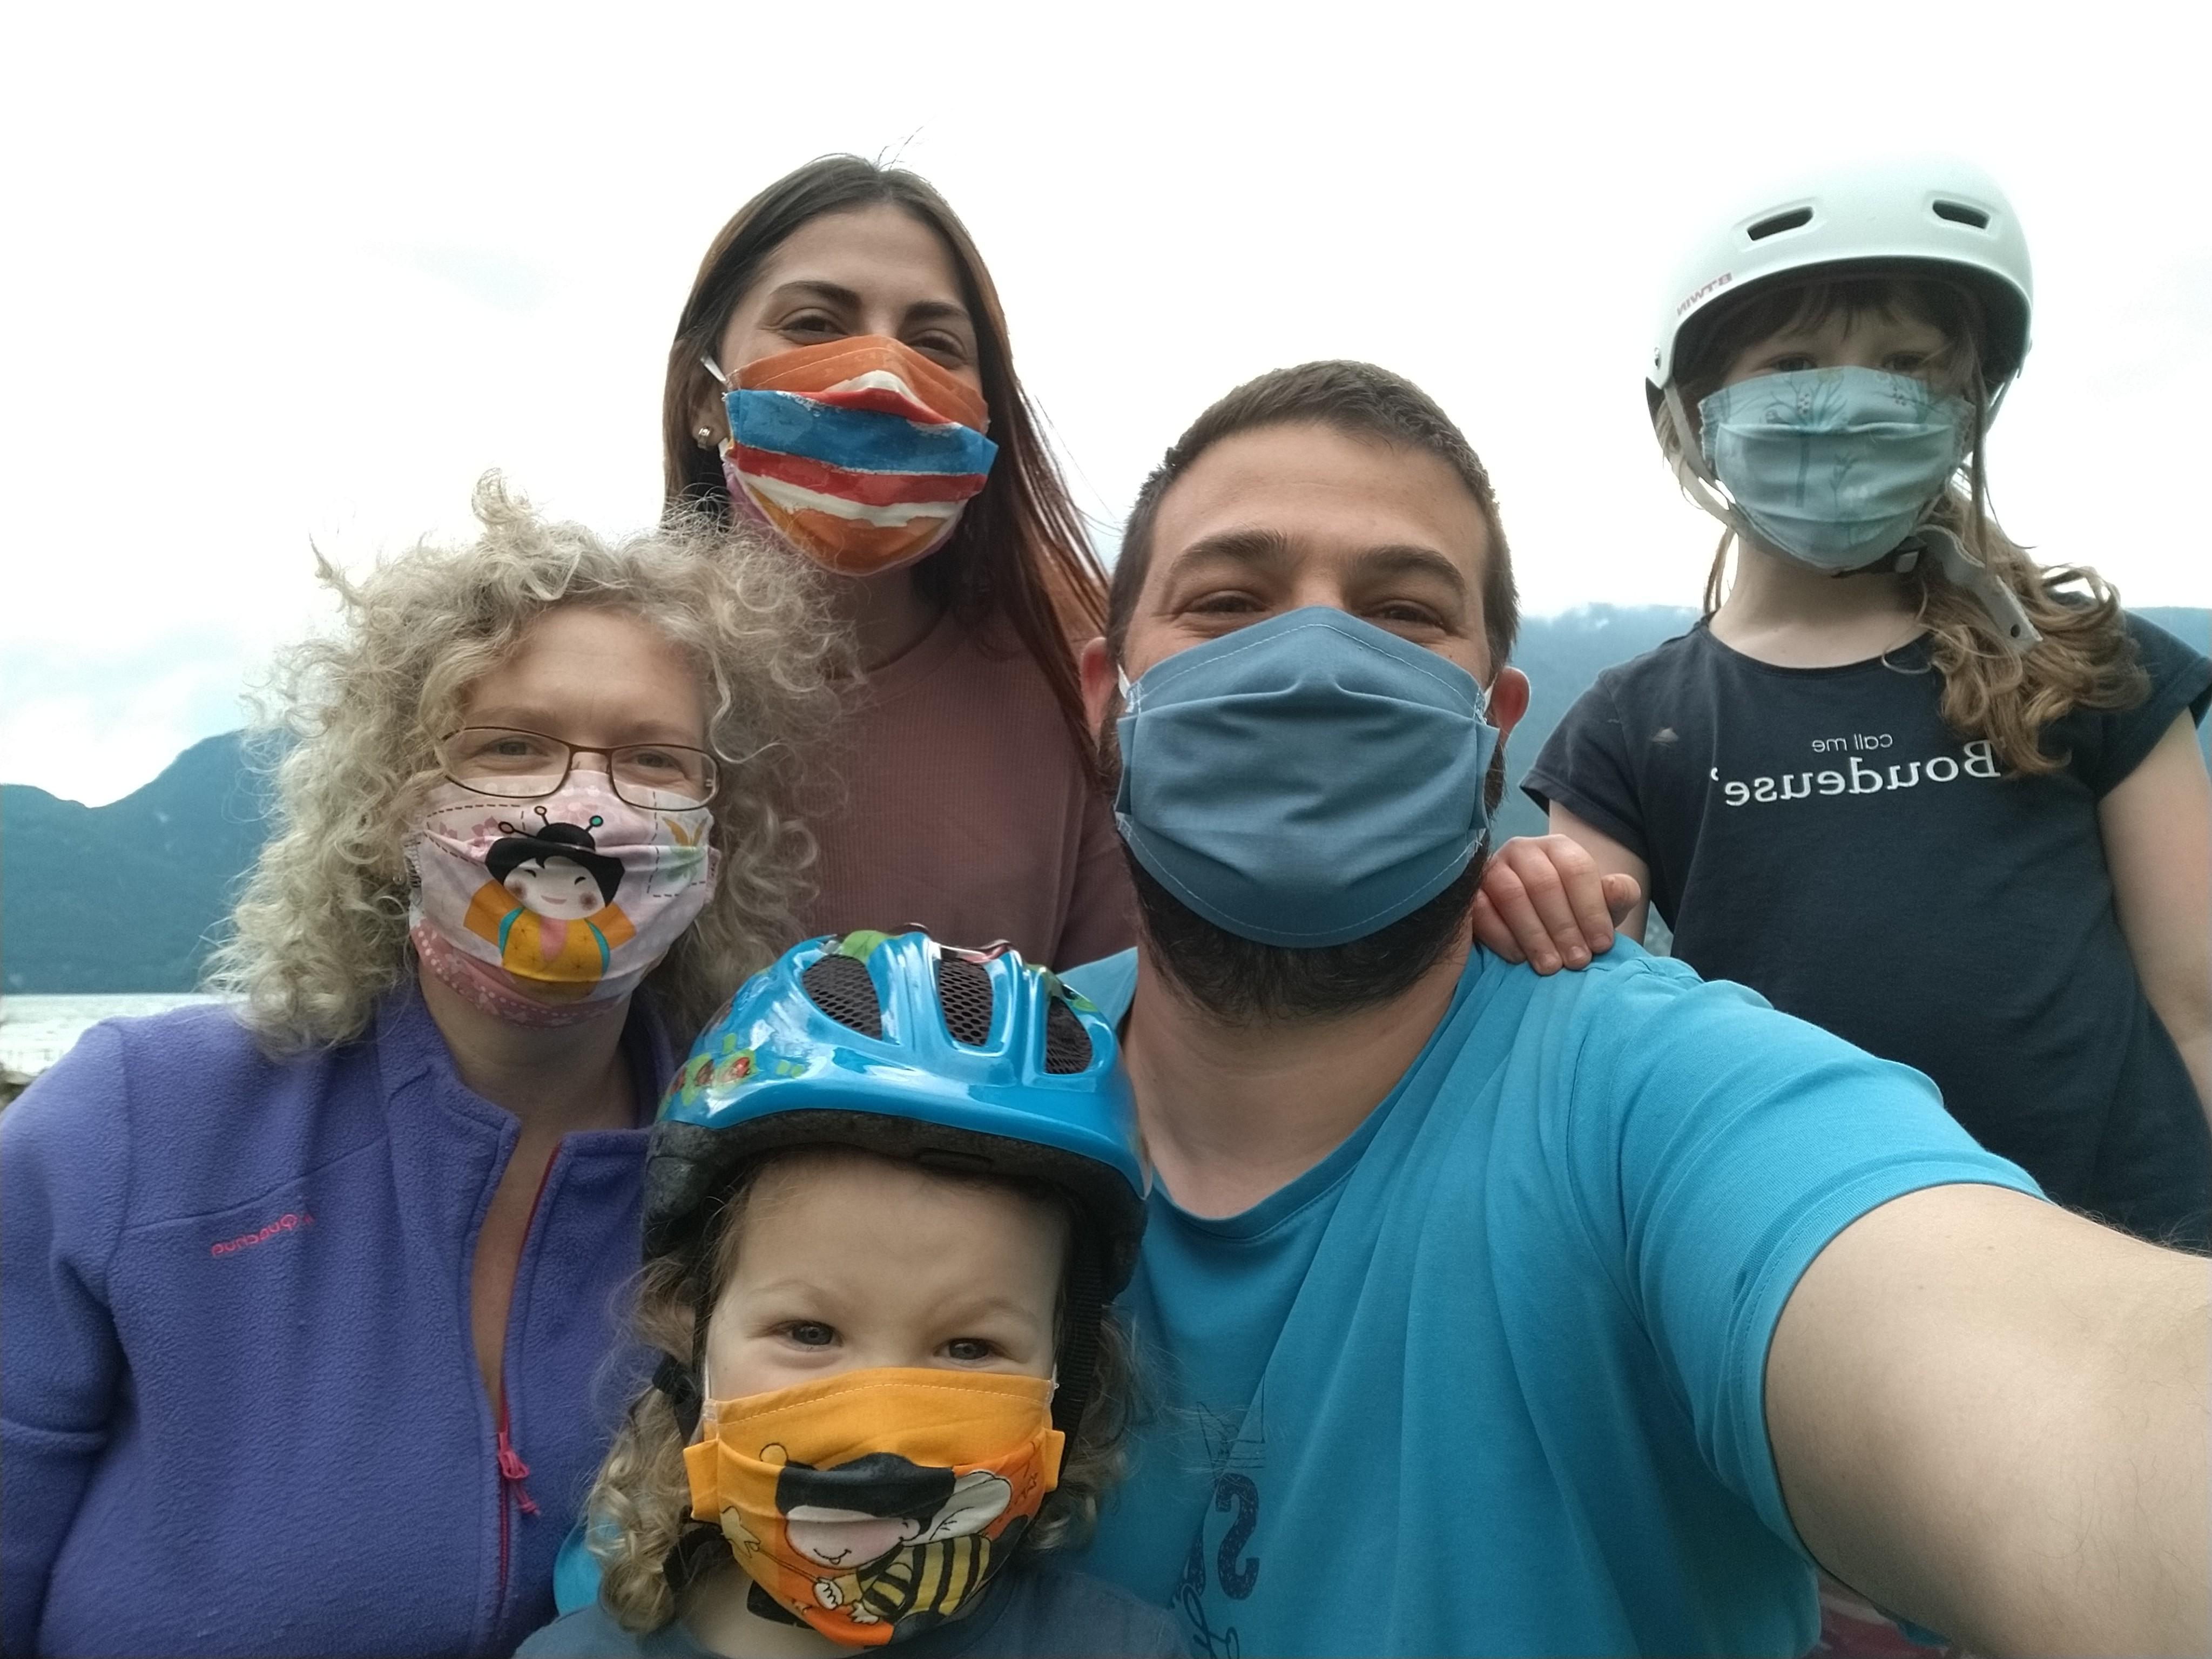 famille avec des masques butrfly